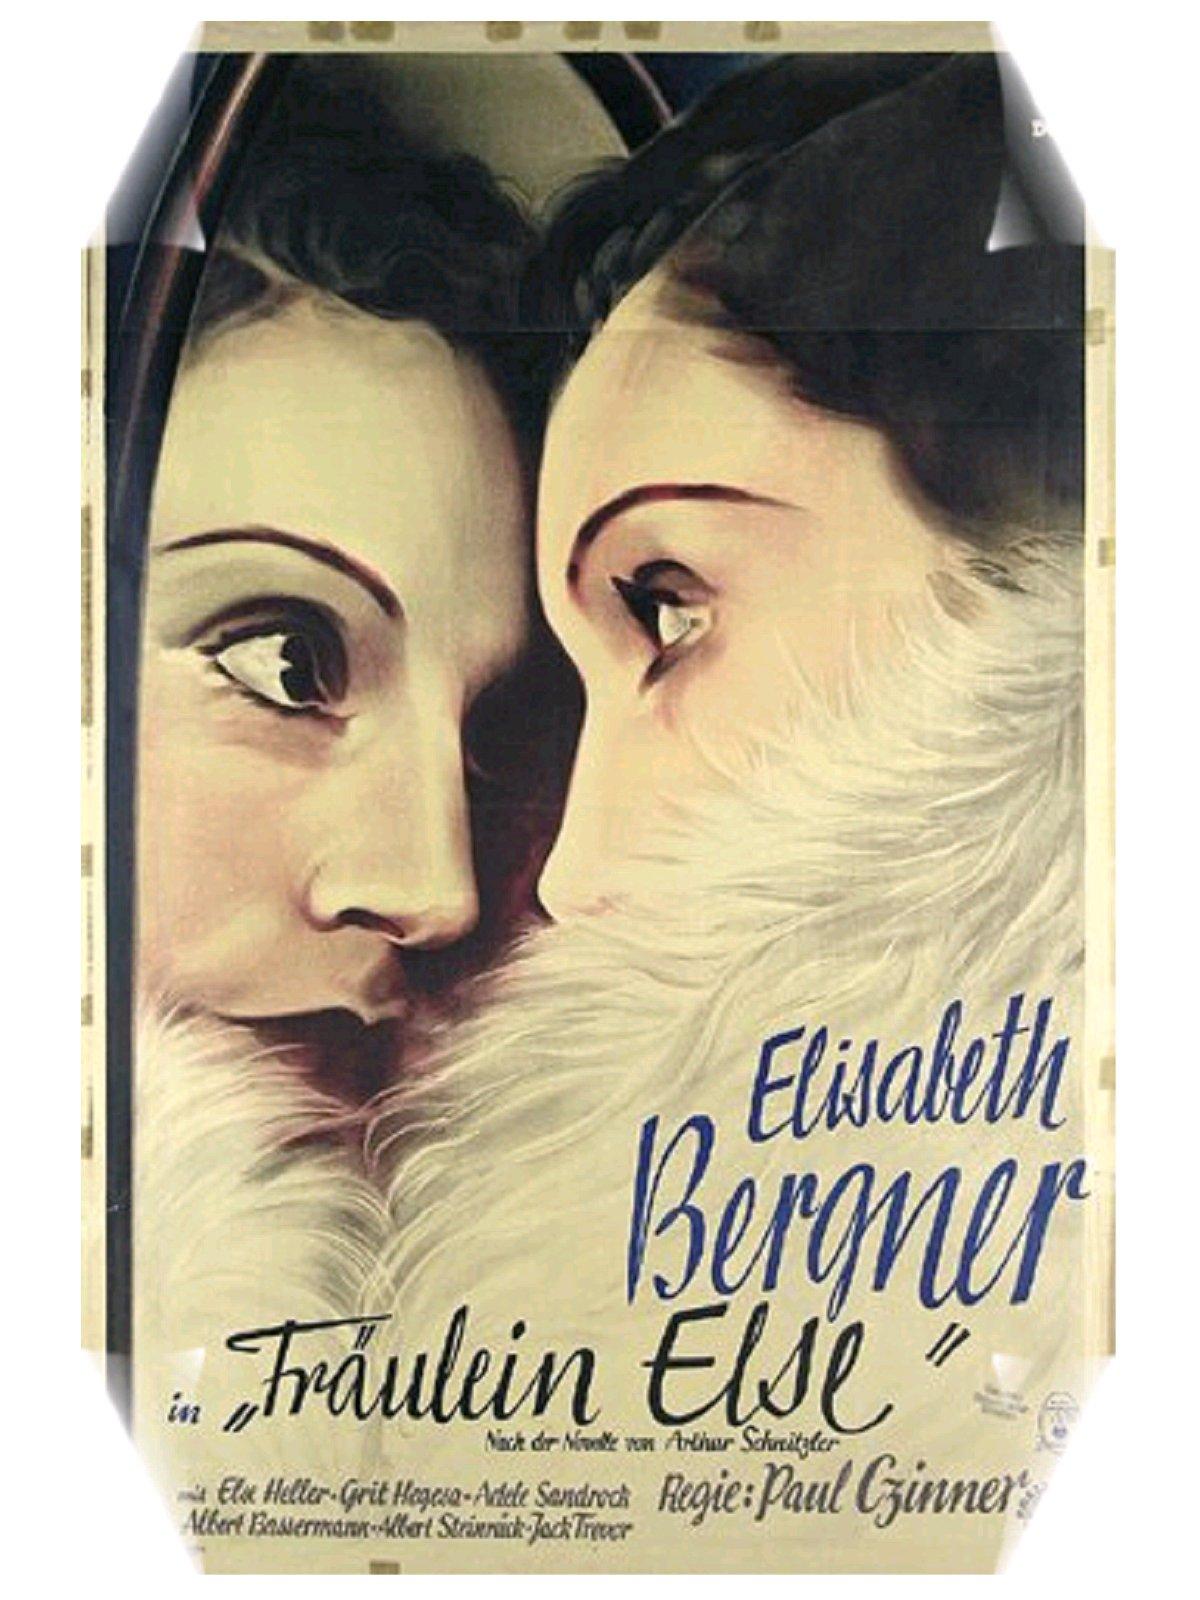 Fraulein Else poster.jpg